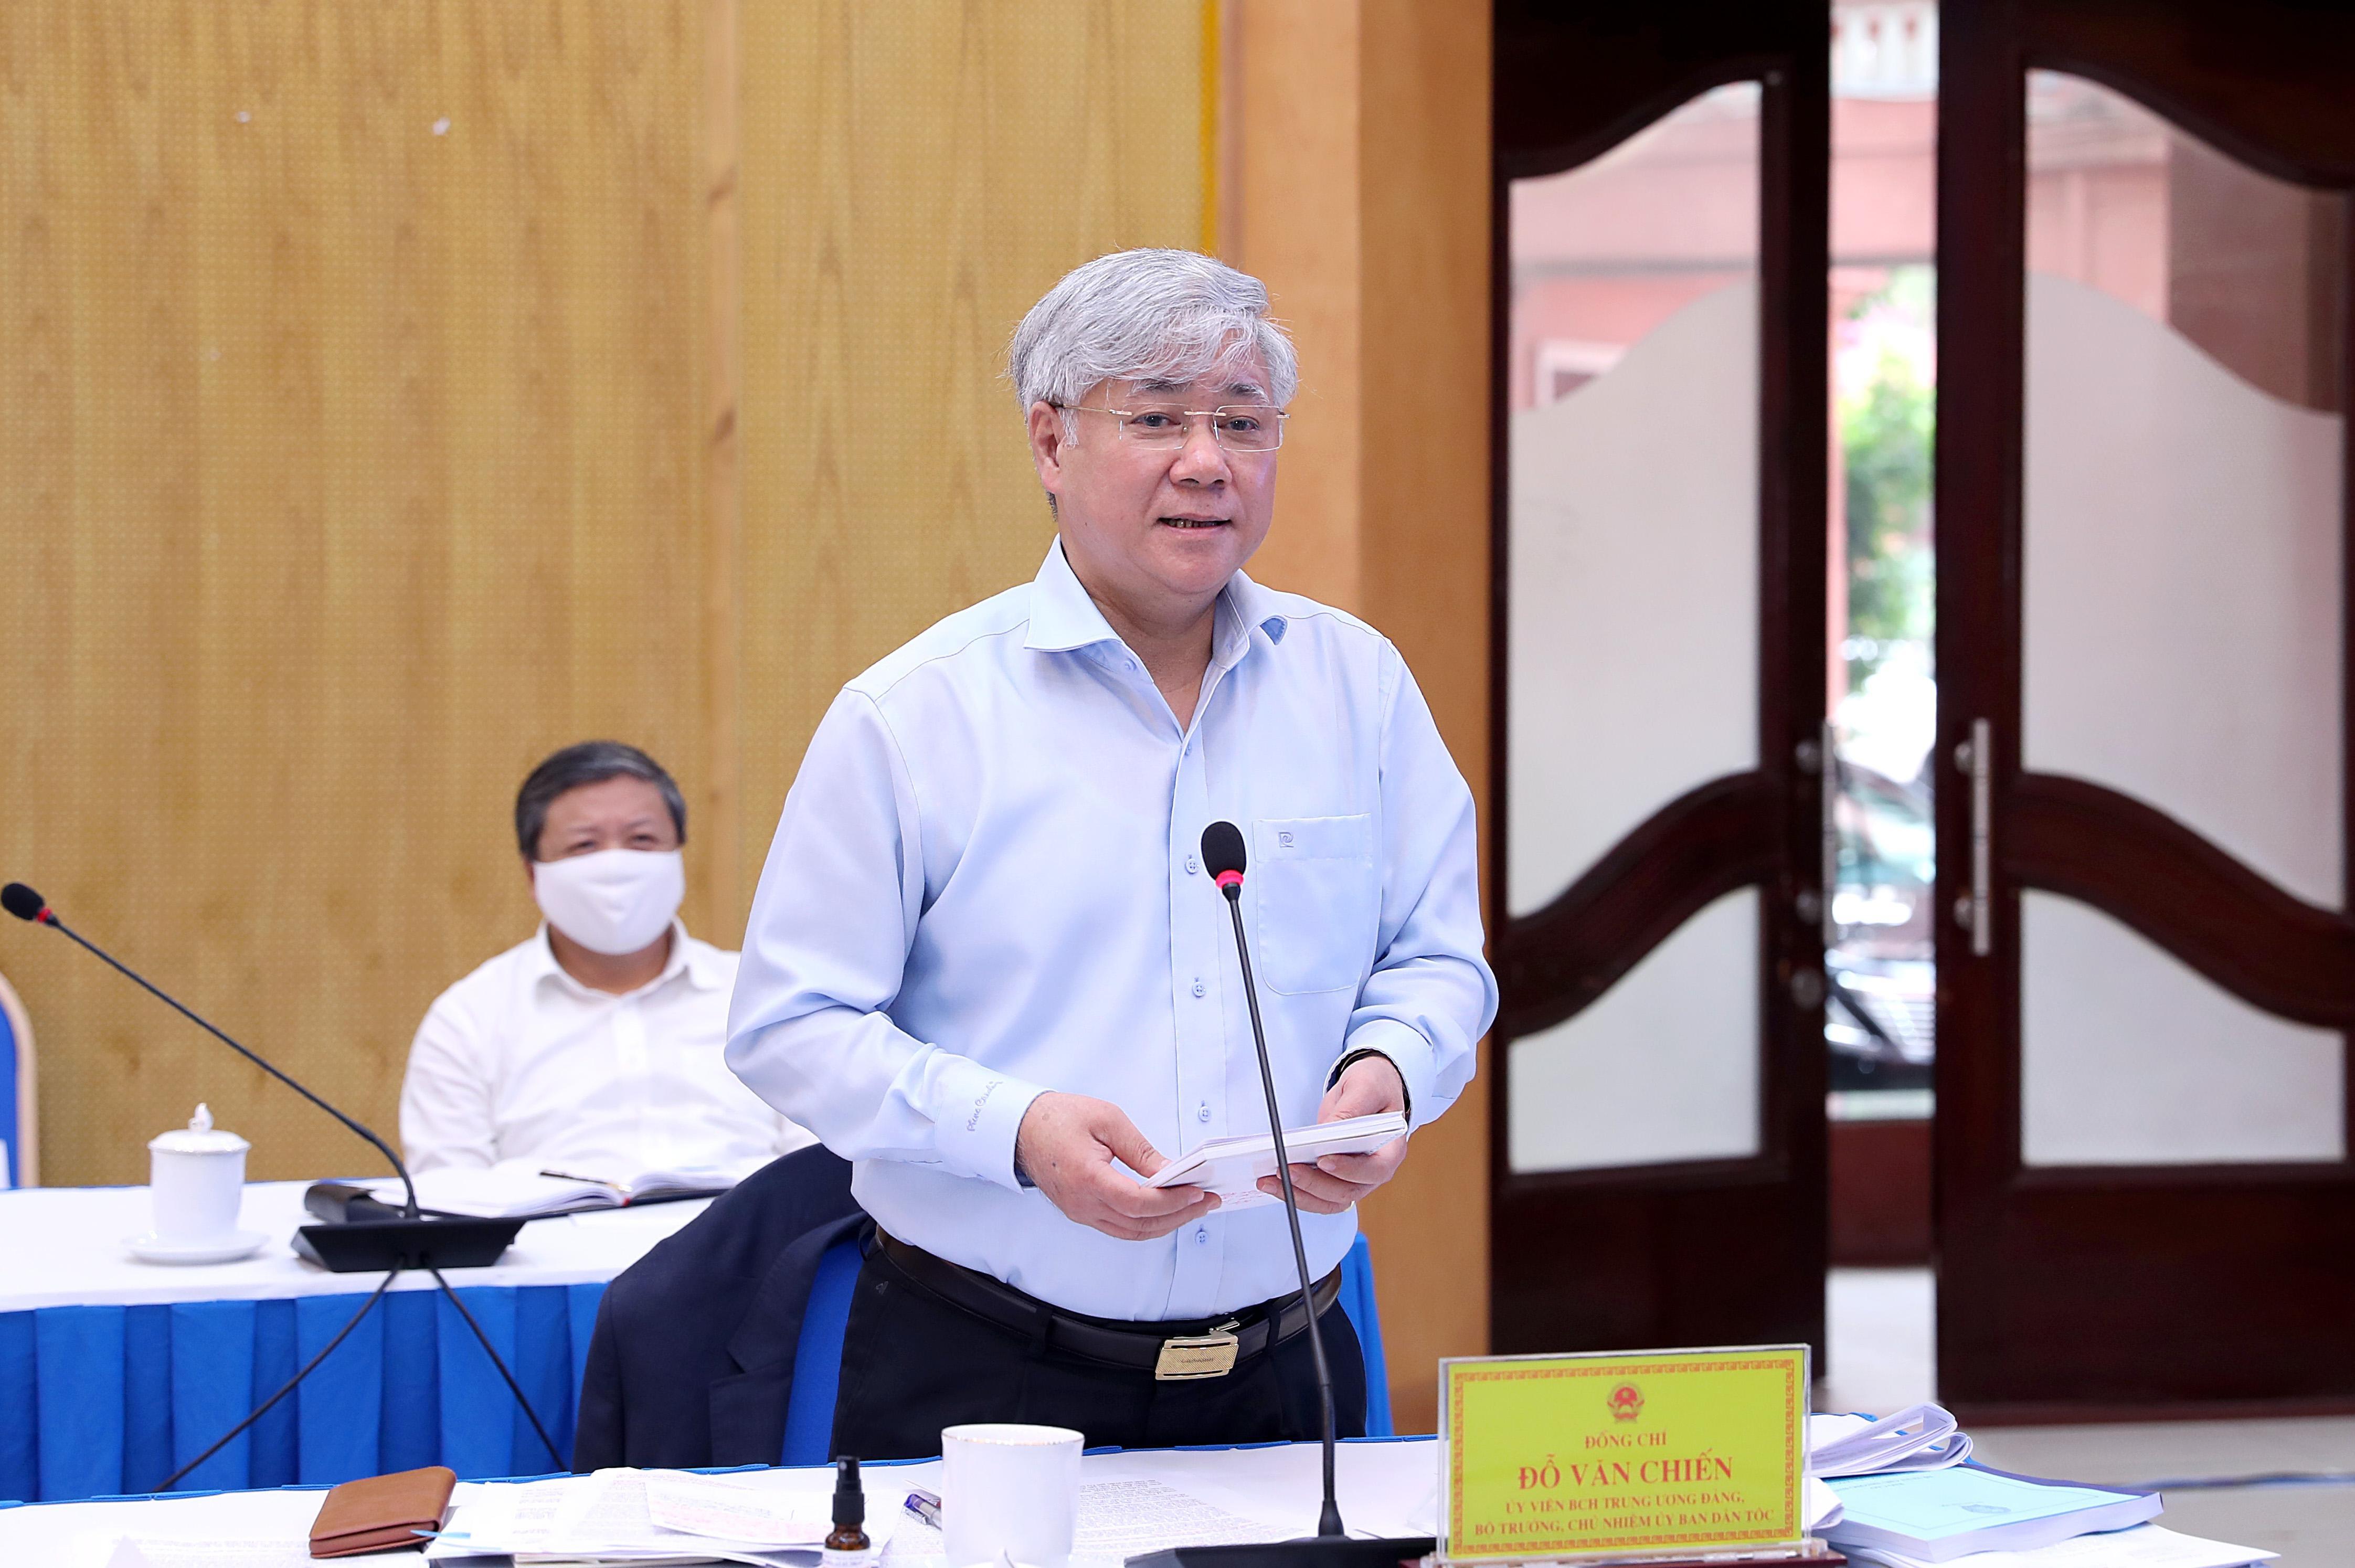 Bộ trưởng, Chủ nhiệm UBDT Đỗ Văn Chiến phát biểu tại phiên họp.